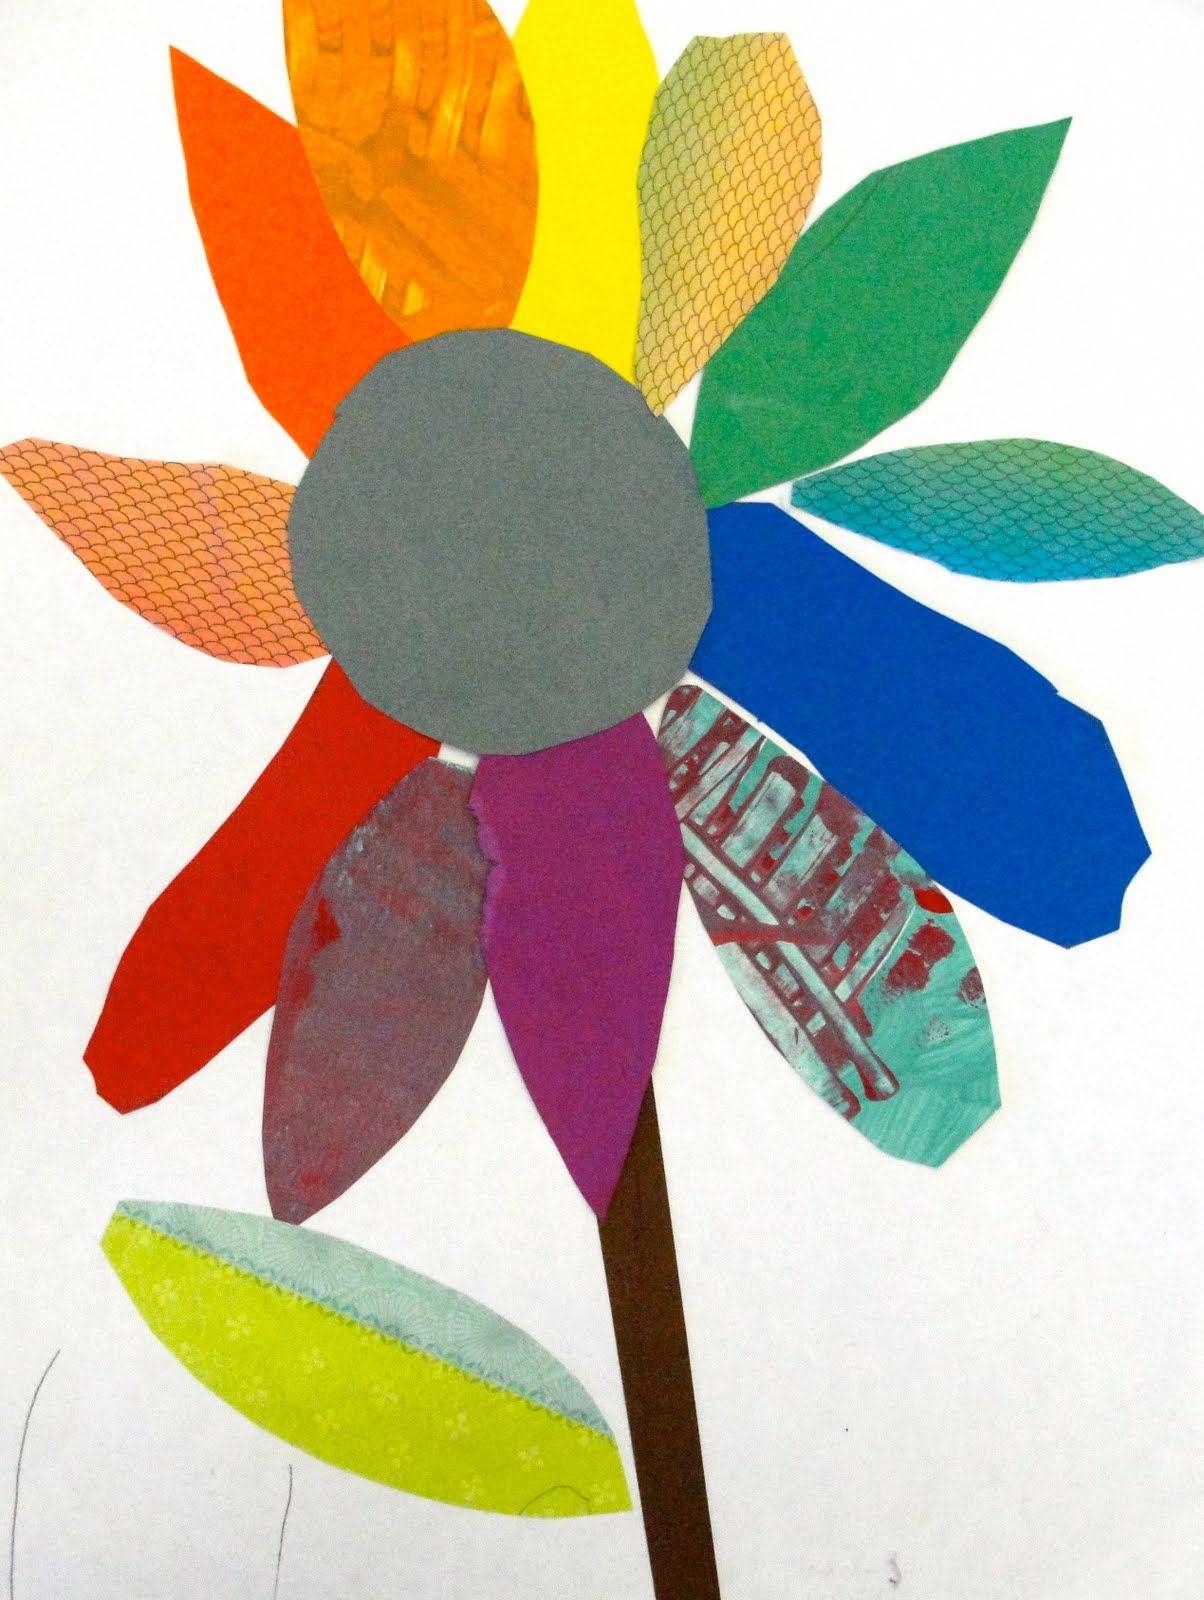 Color wheel art projects for kids - Colorwheel Bouquet Art Lesson